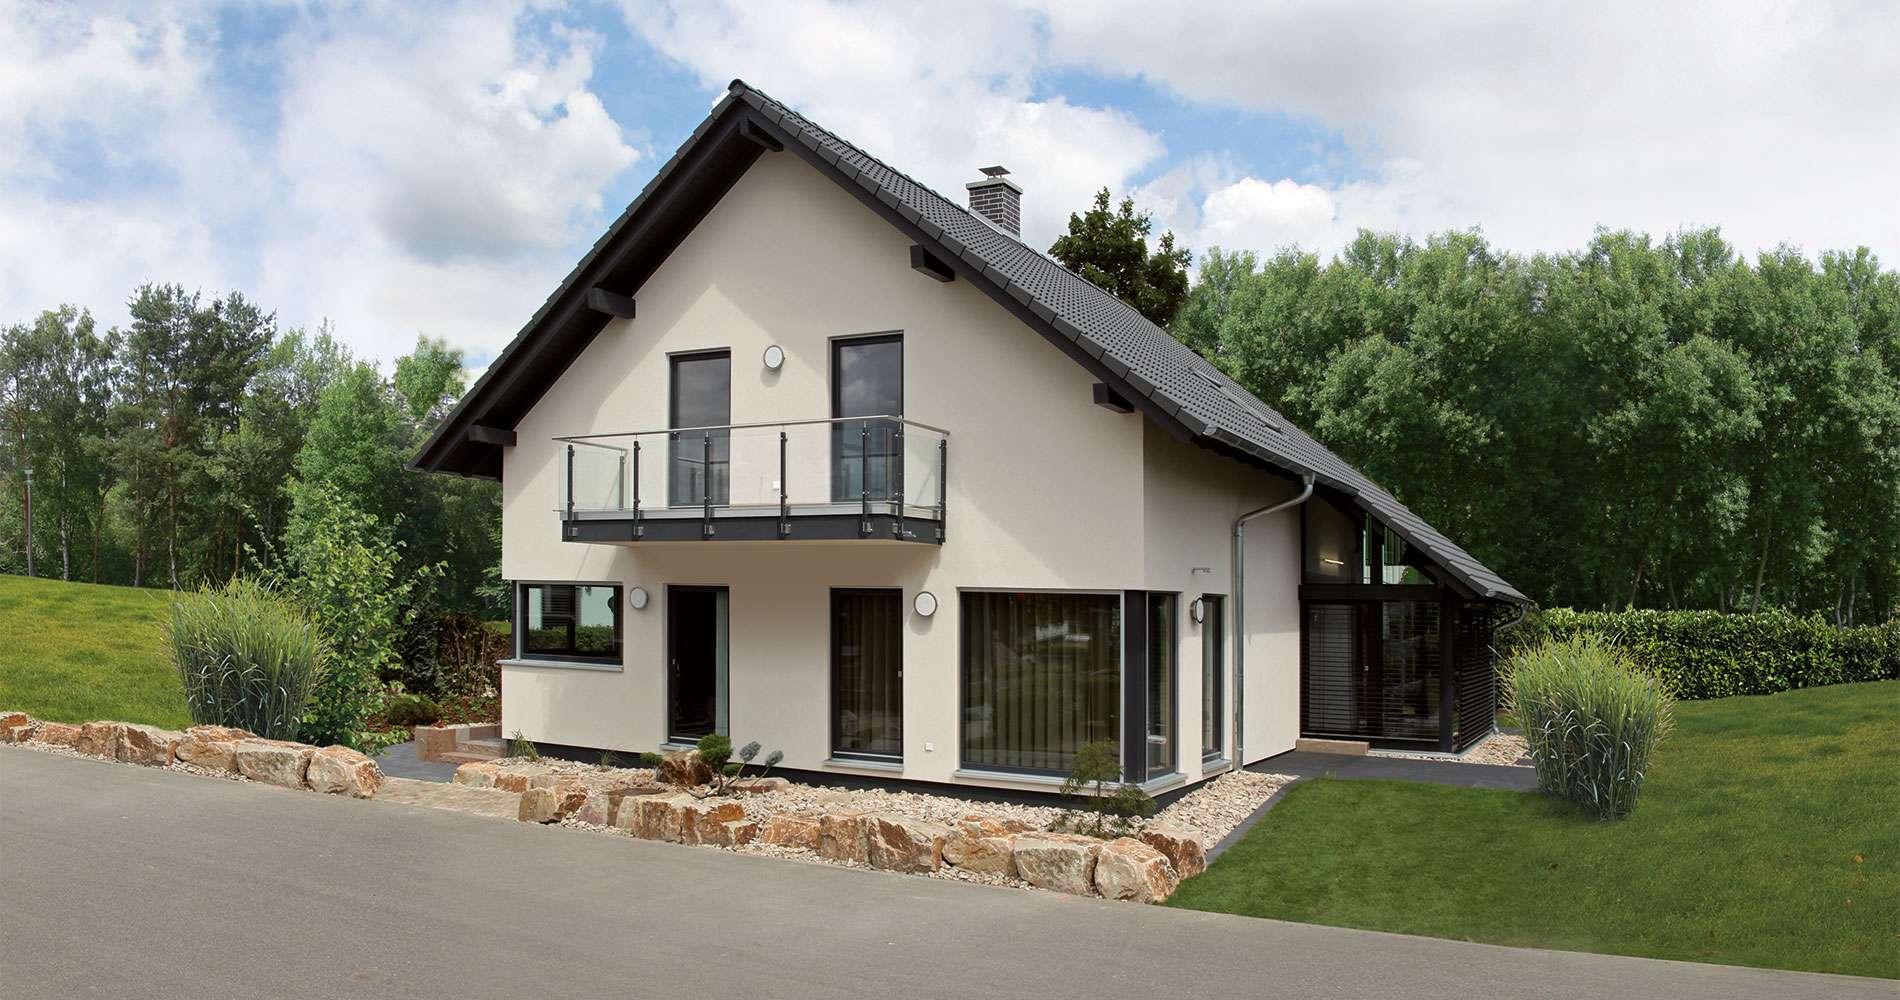 VIO 450 - Mannheim - attraktive Außenansicht mit Balkon und Wintergarten